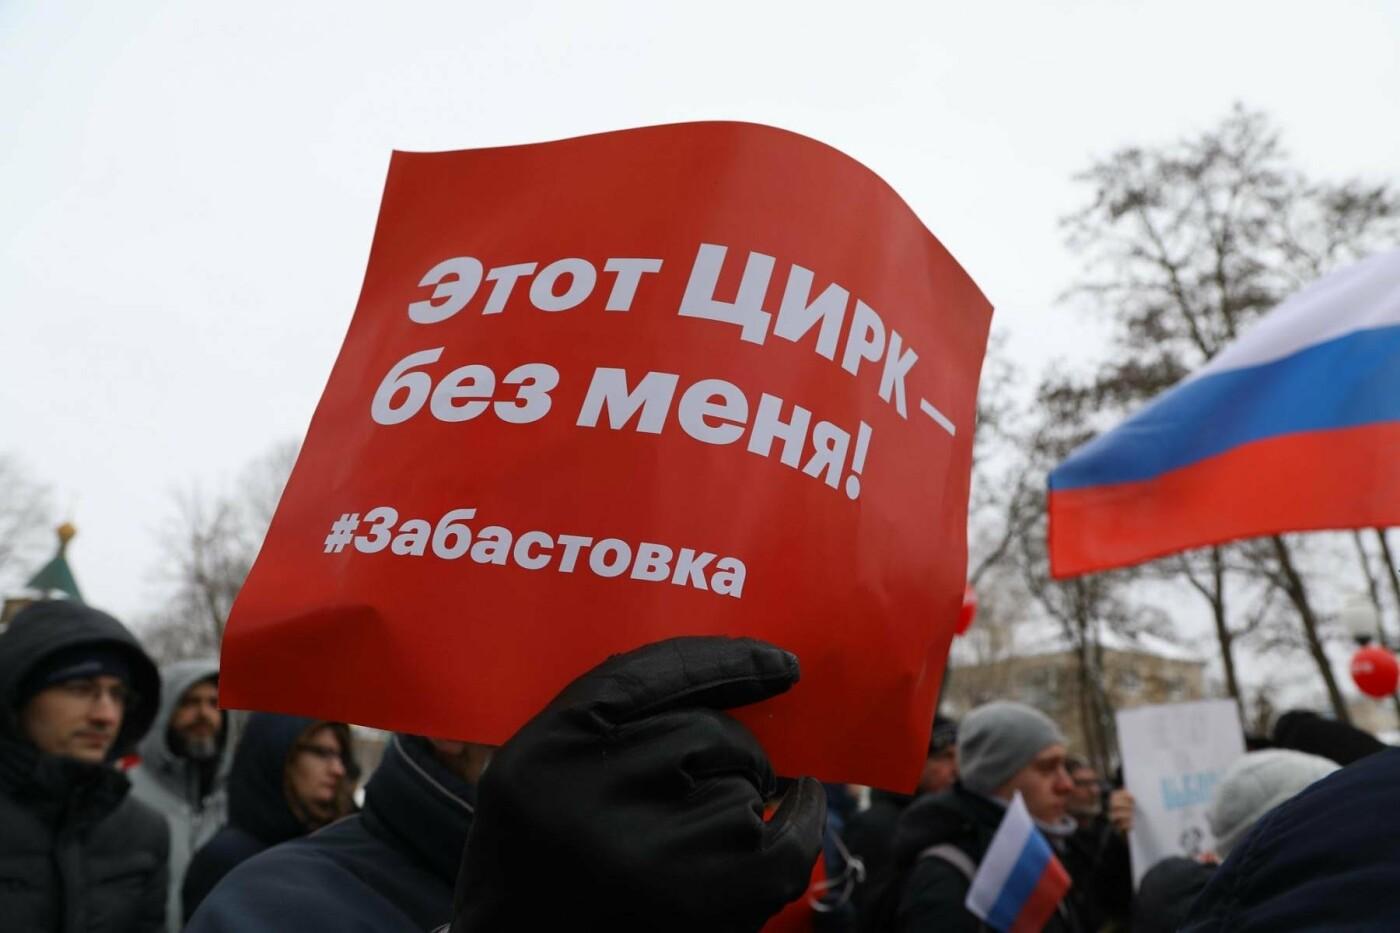 В Белгороде у Дома офицеров прошла «забастовка избирателей» — фоторепортаж, фото-25